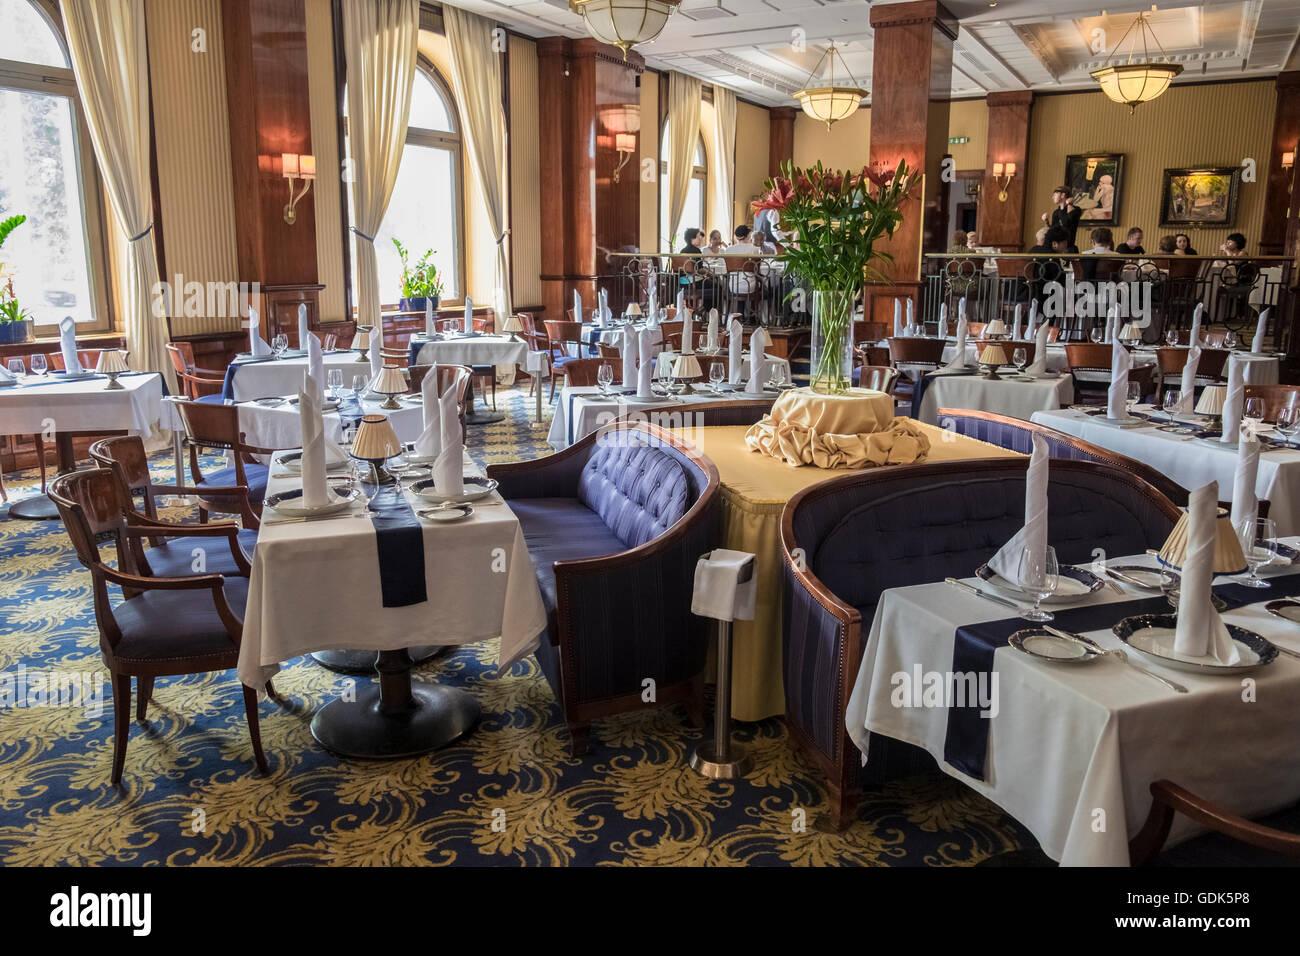 Elegantes Esszimmer Interieur des berühmten Gundel Restaurant, Stadtpark, Pest, Bezirk 14, Budapest, Ungarn Stockbild